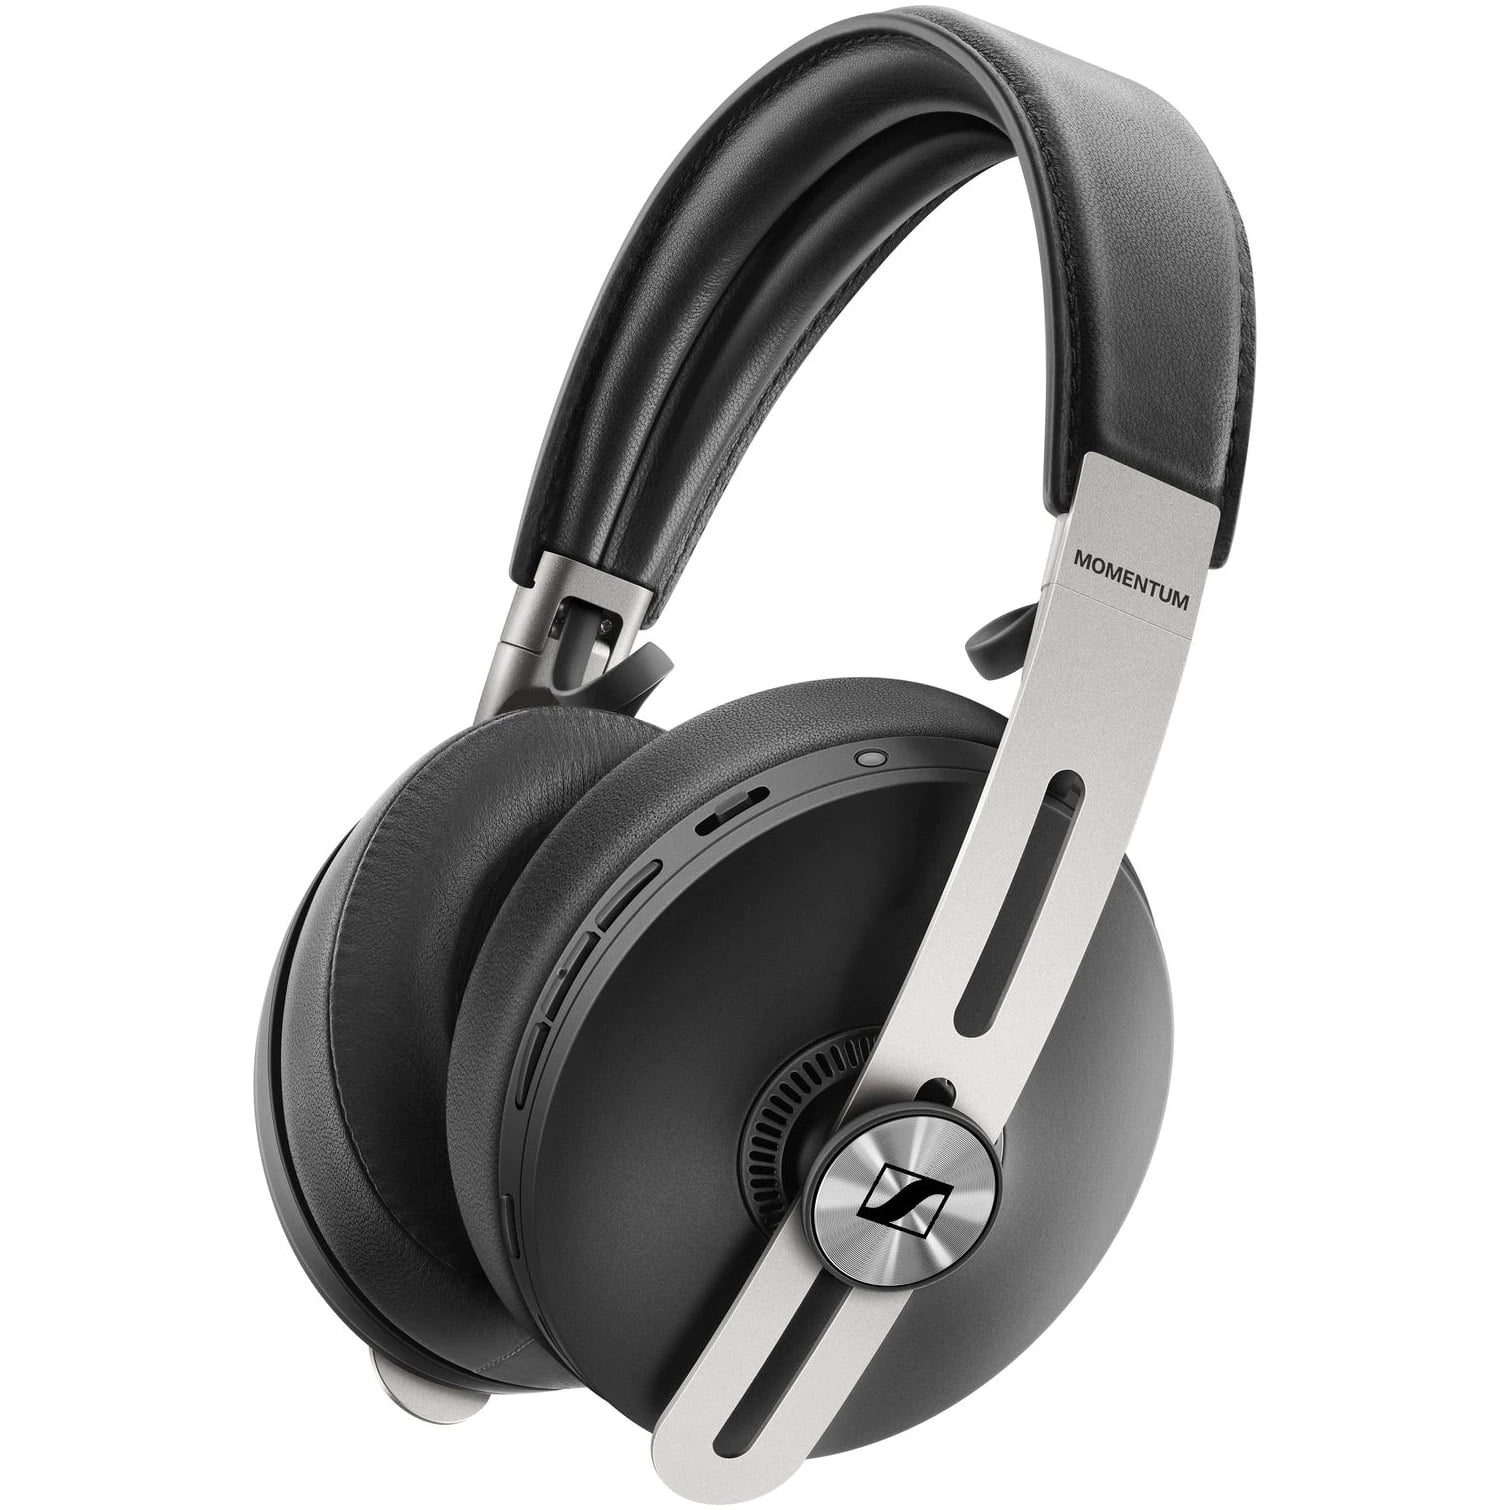 Casti Sennheiser Momentum 3, Over-Ear, Wireless, Noise Cancelling, Black